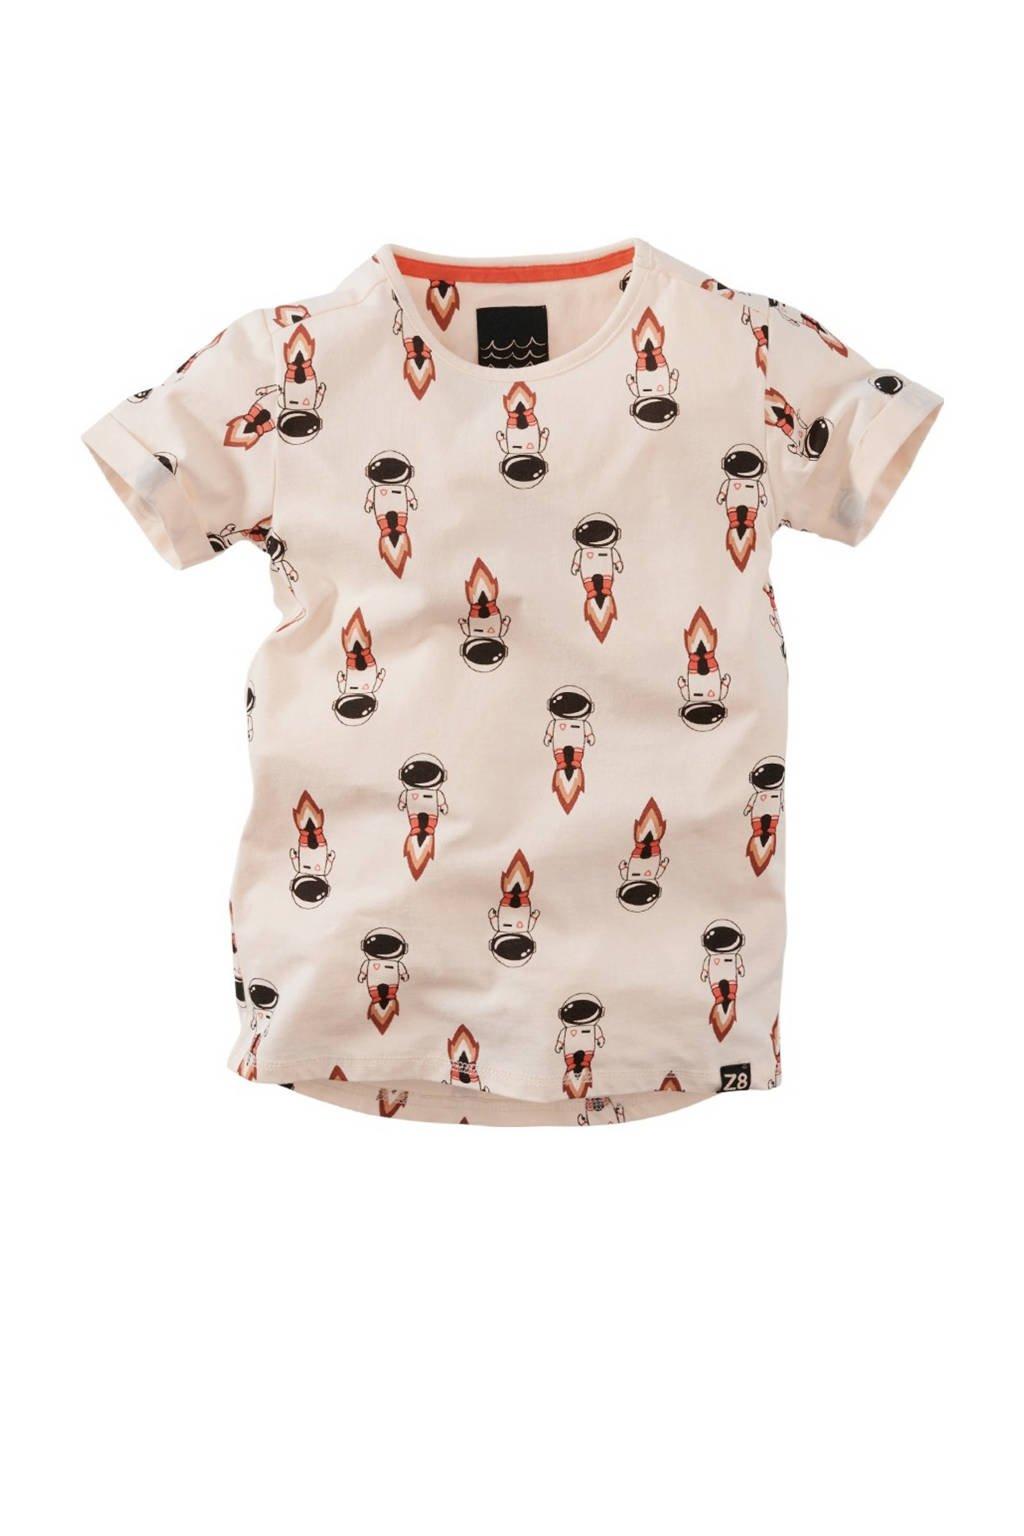 Z8 Limited edition T-shirt Paul ecru/rood/zwart, Ecru/rood/zwart